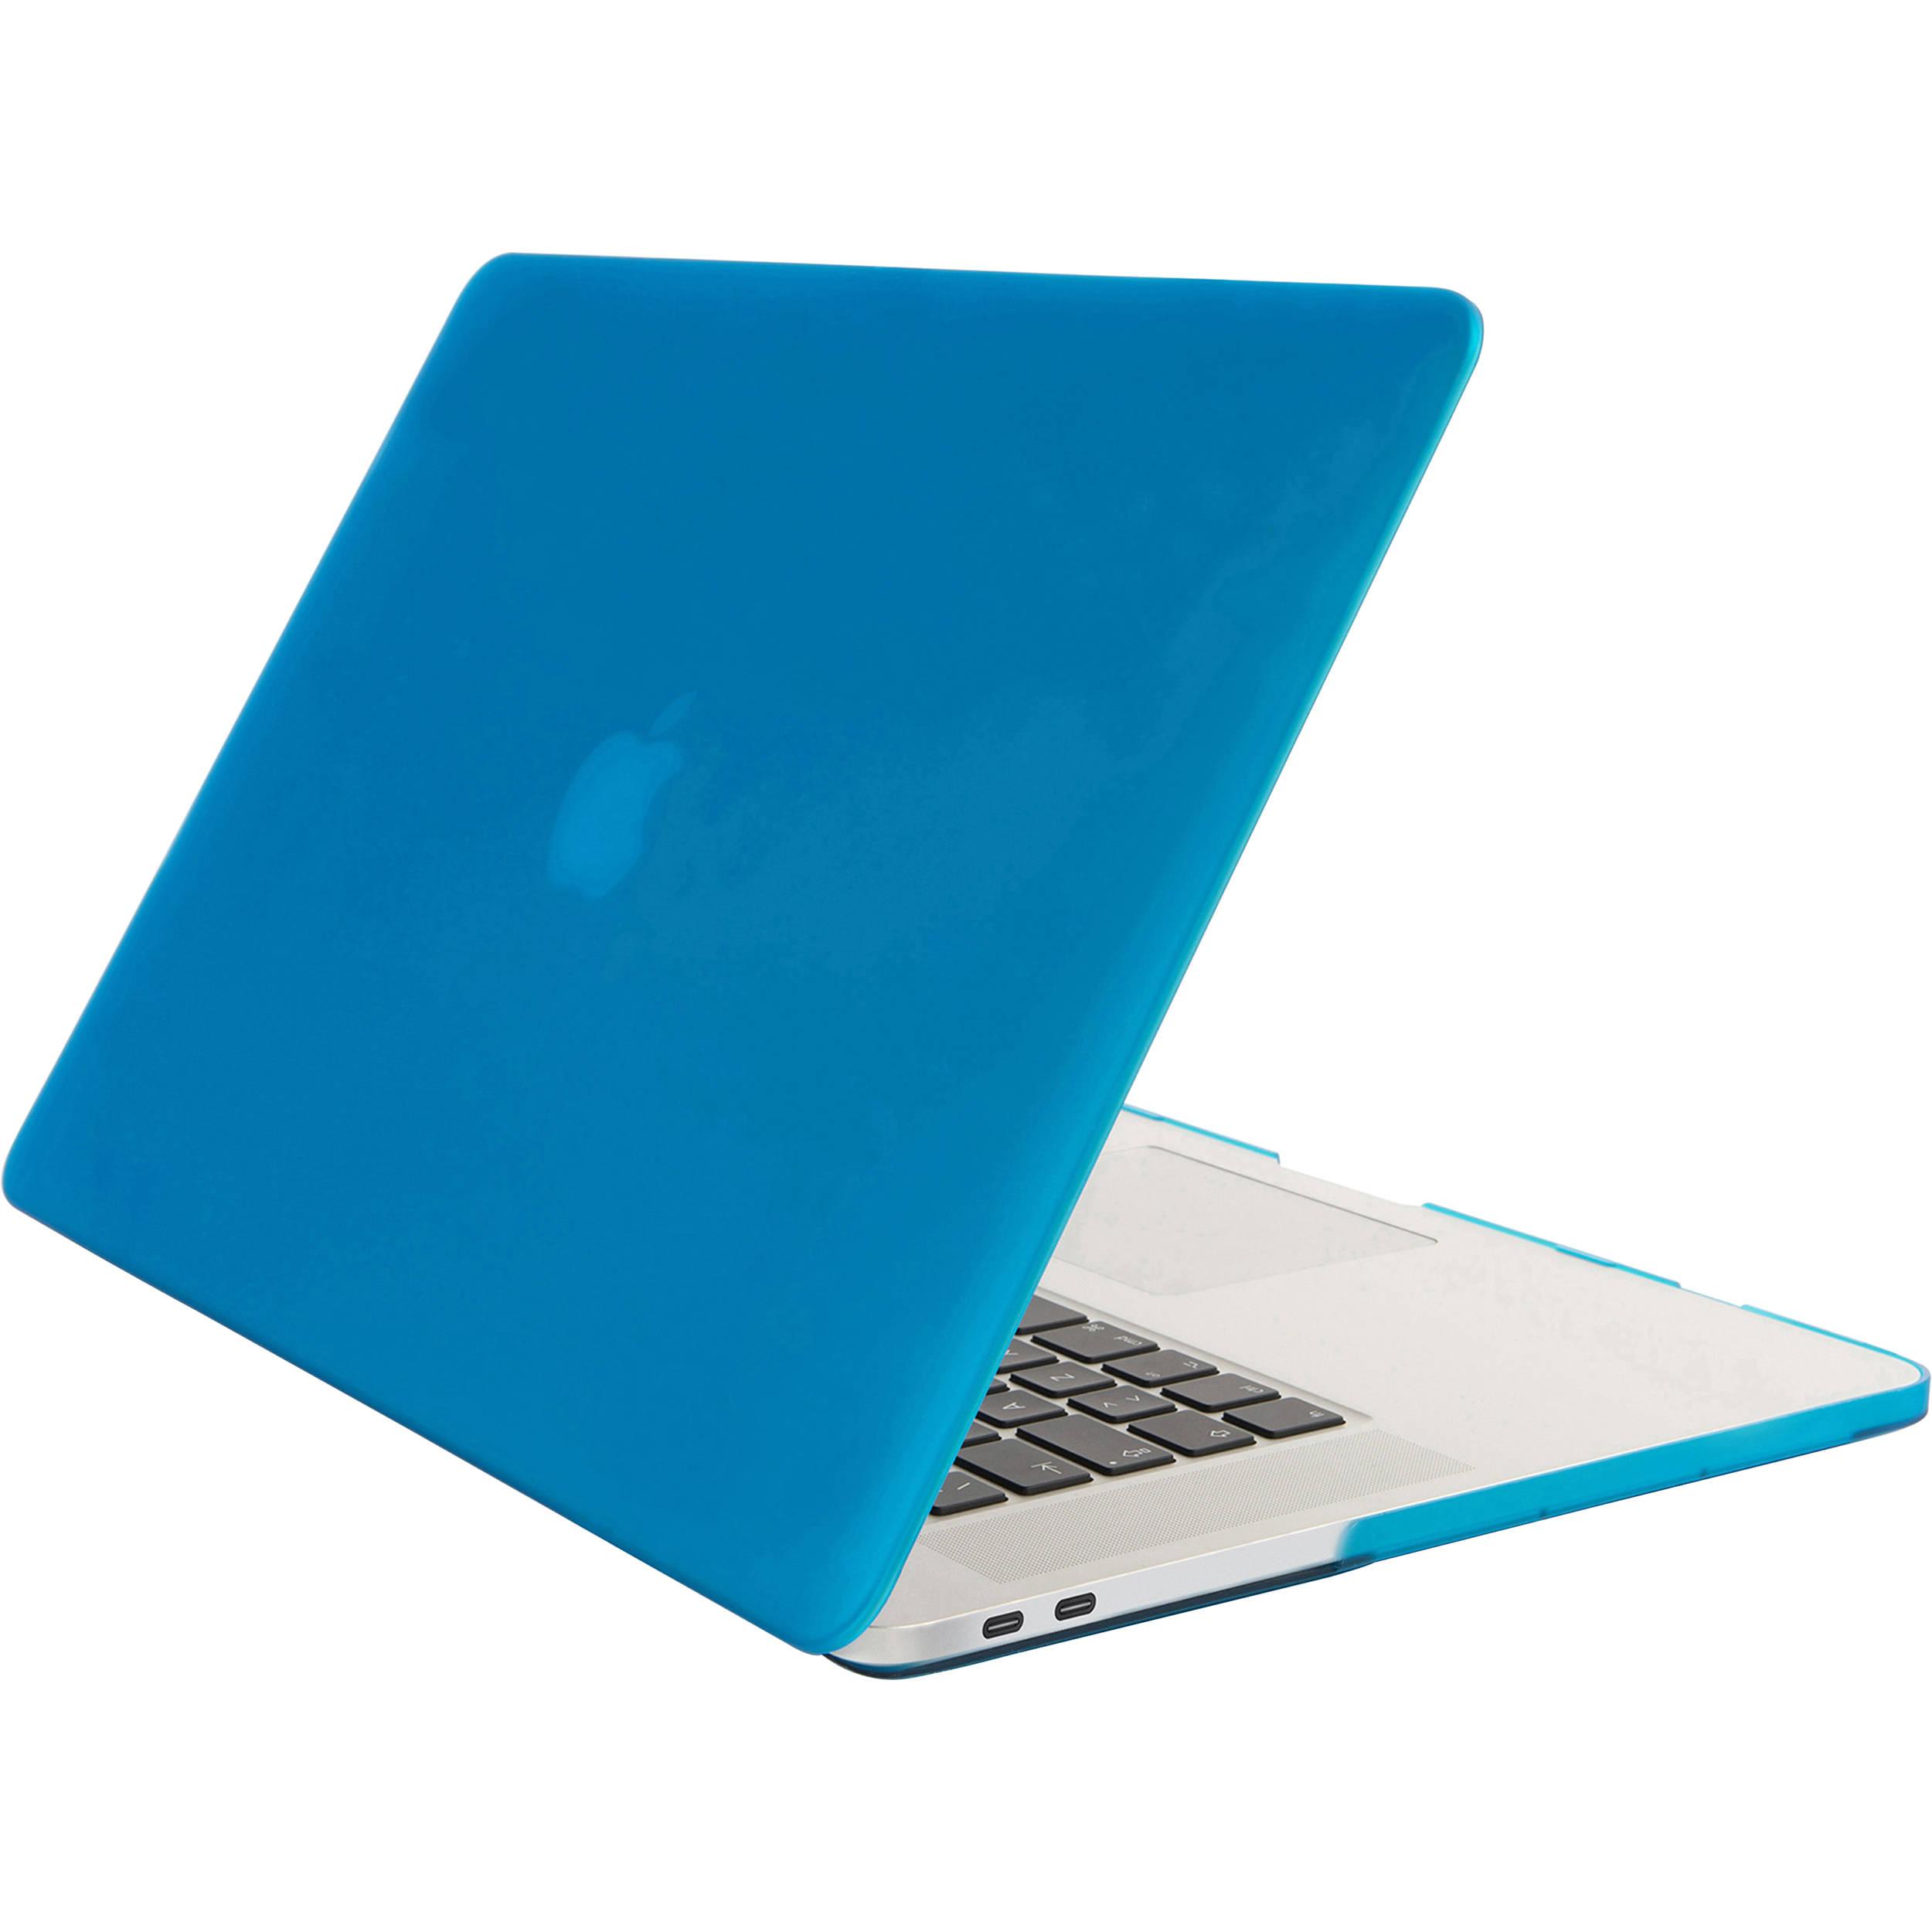 official photos c393a aa48a Tucano Nido Hard-Shell Case for MacBook Pro 15